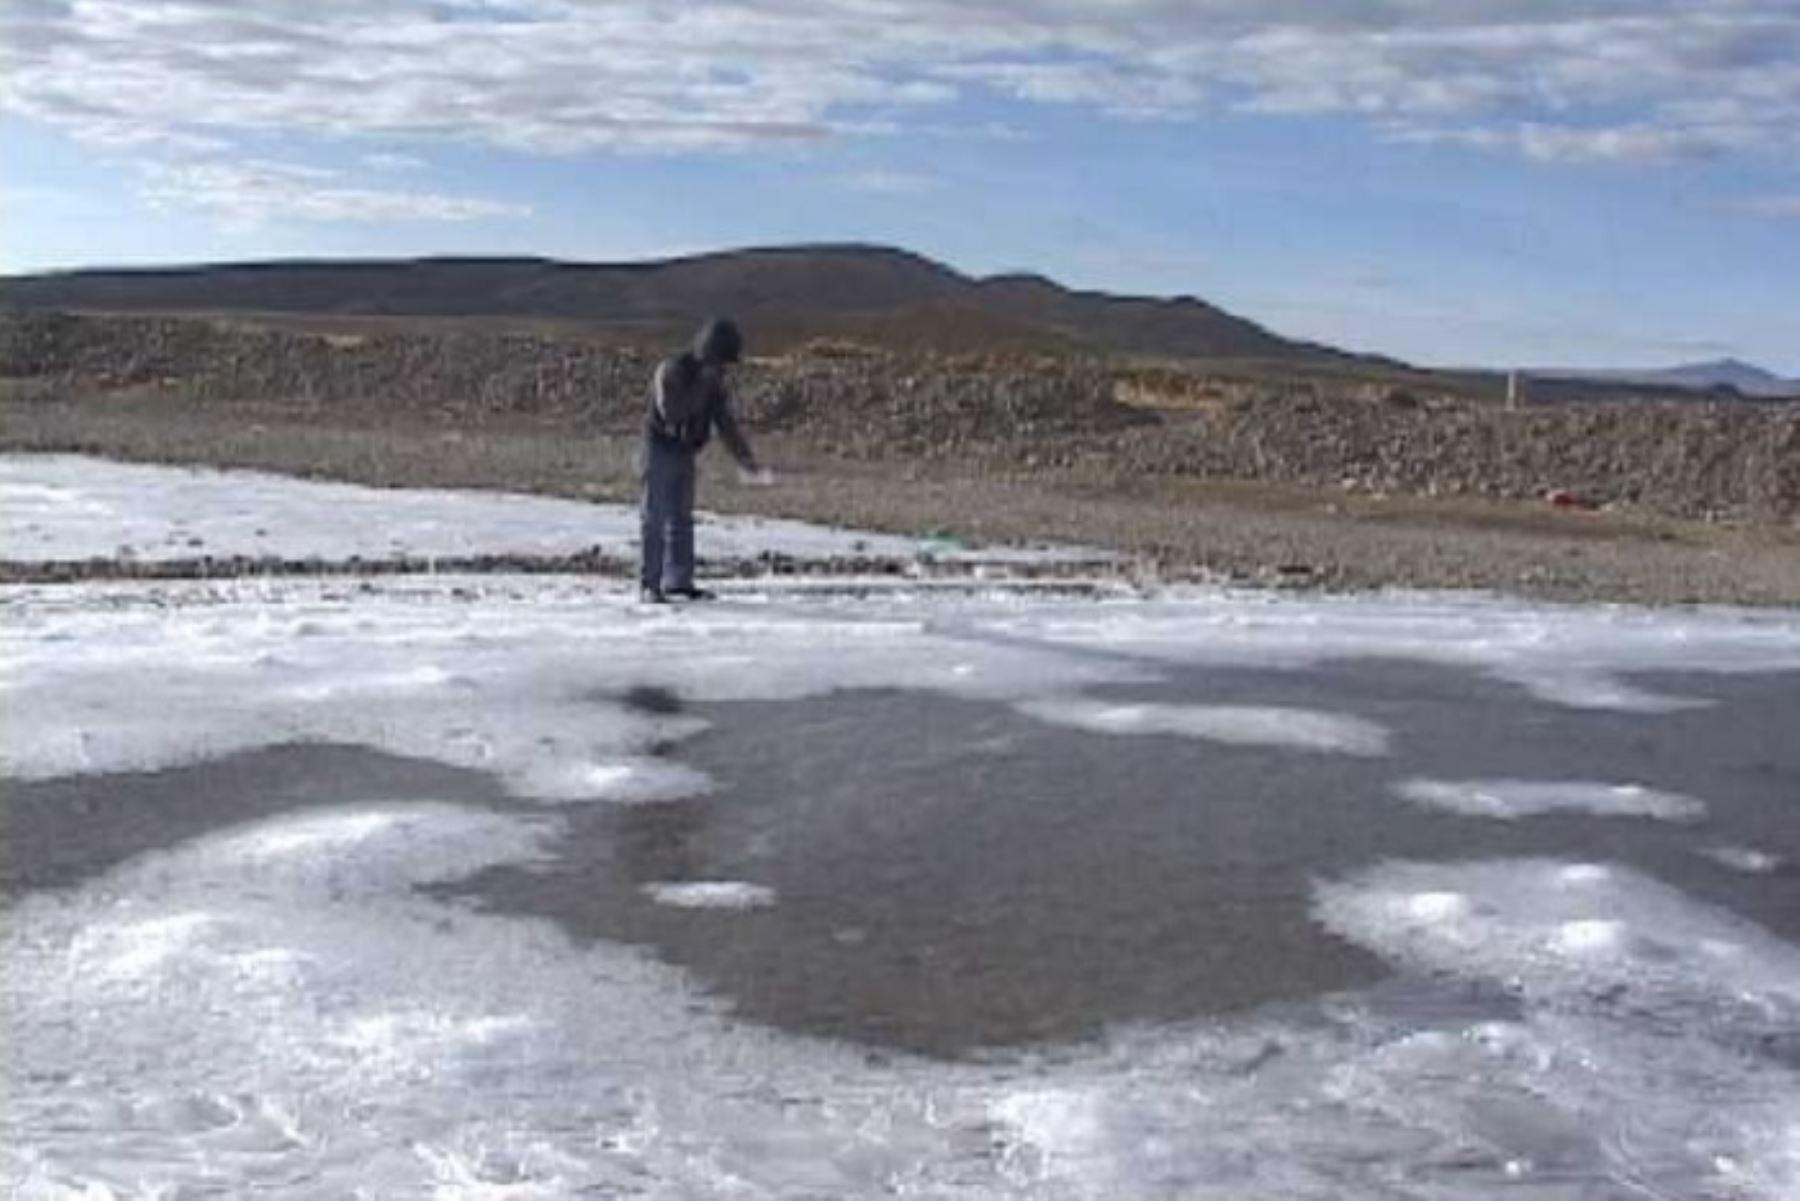 El distrito Tarata, en la provincia del mismo nombre, región Tacna, registró por tercer día consecutivo la temperatura más baja del país con -15.5 grados Celsius en la estación Chuapalca, informó el Servicio Nacional de Meteorología e Hidrología (Senamhi).ANDINA/Difusión